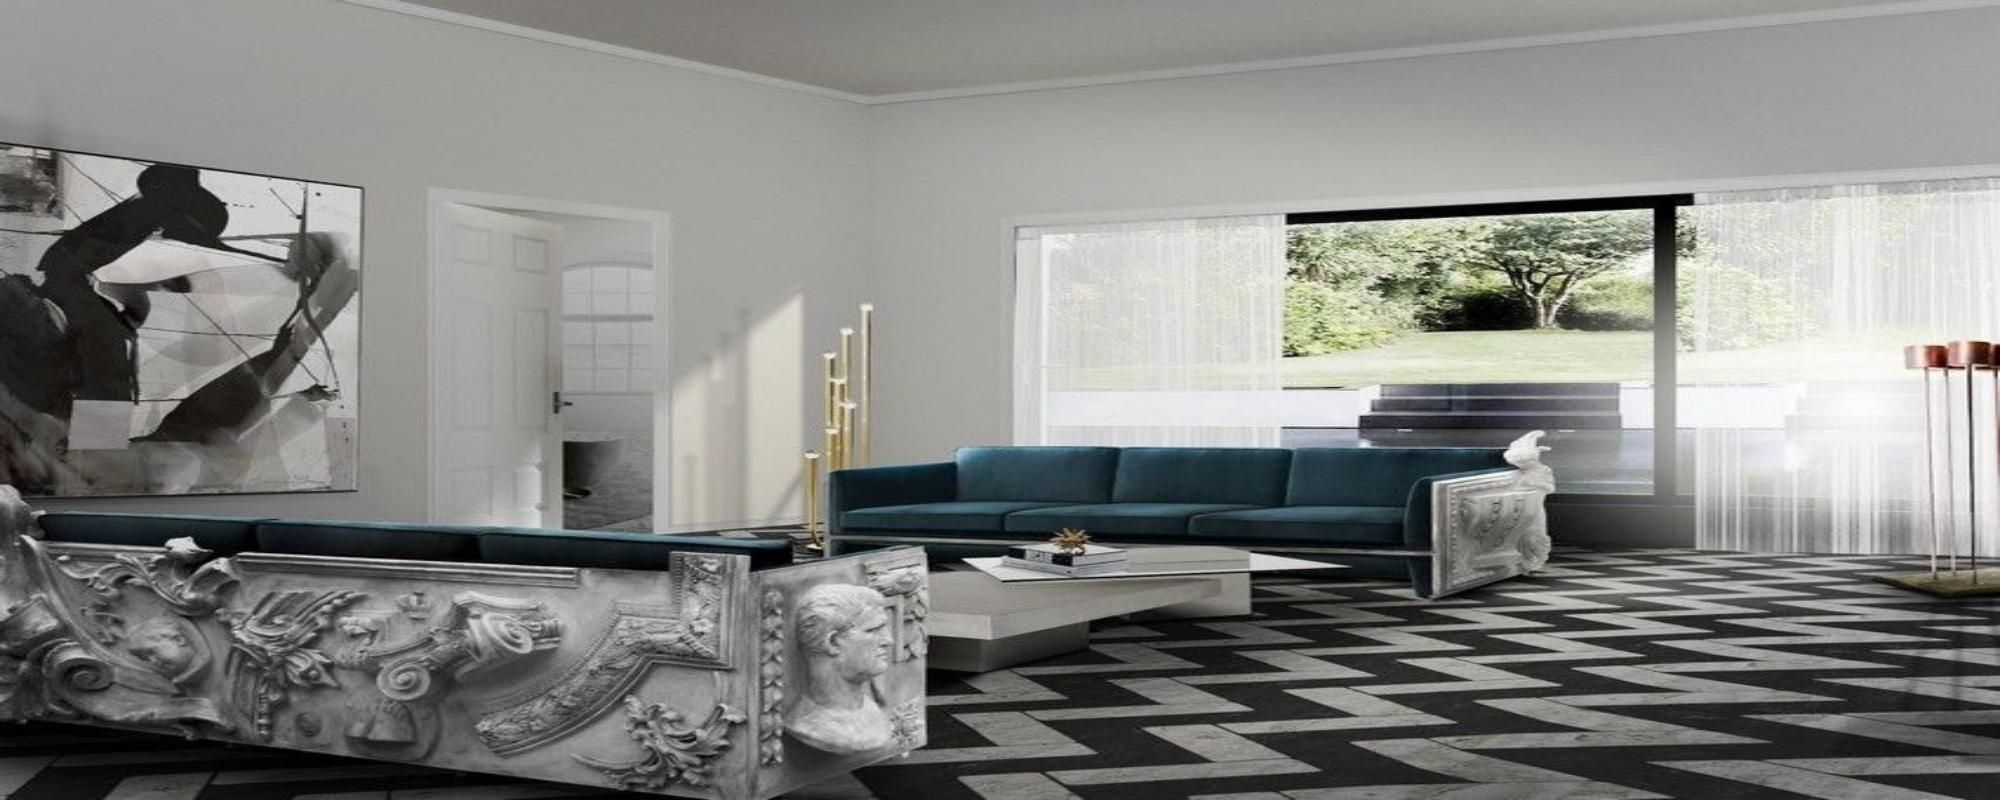 Diseño de interiores: Sofas modernos para la decoración de una sala de estar elegante diseño de interiores Diseño de interiores: Sofas modernos para la decoración de una sala de estar elegante Featured 5